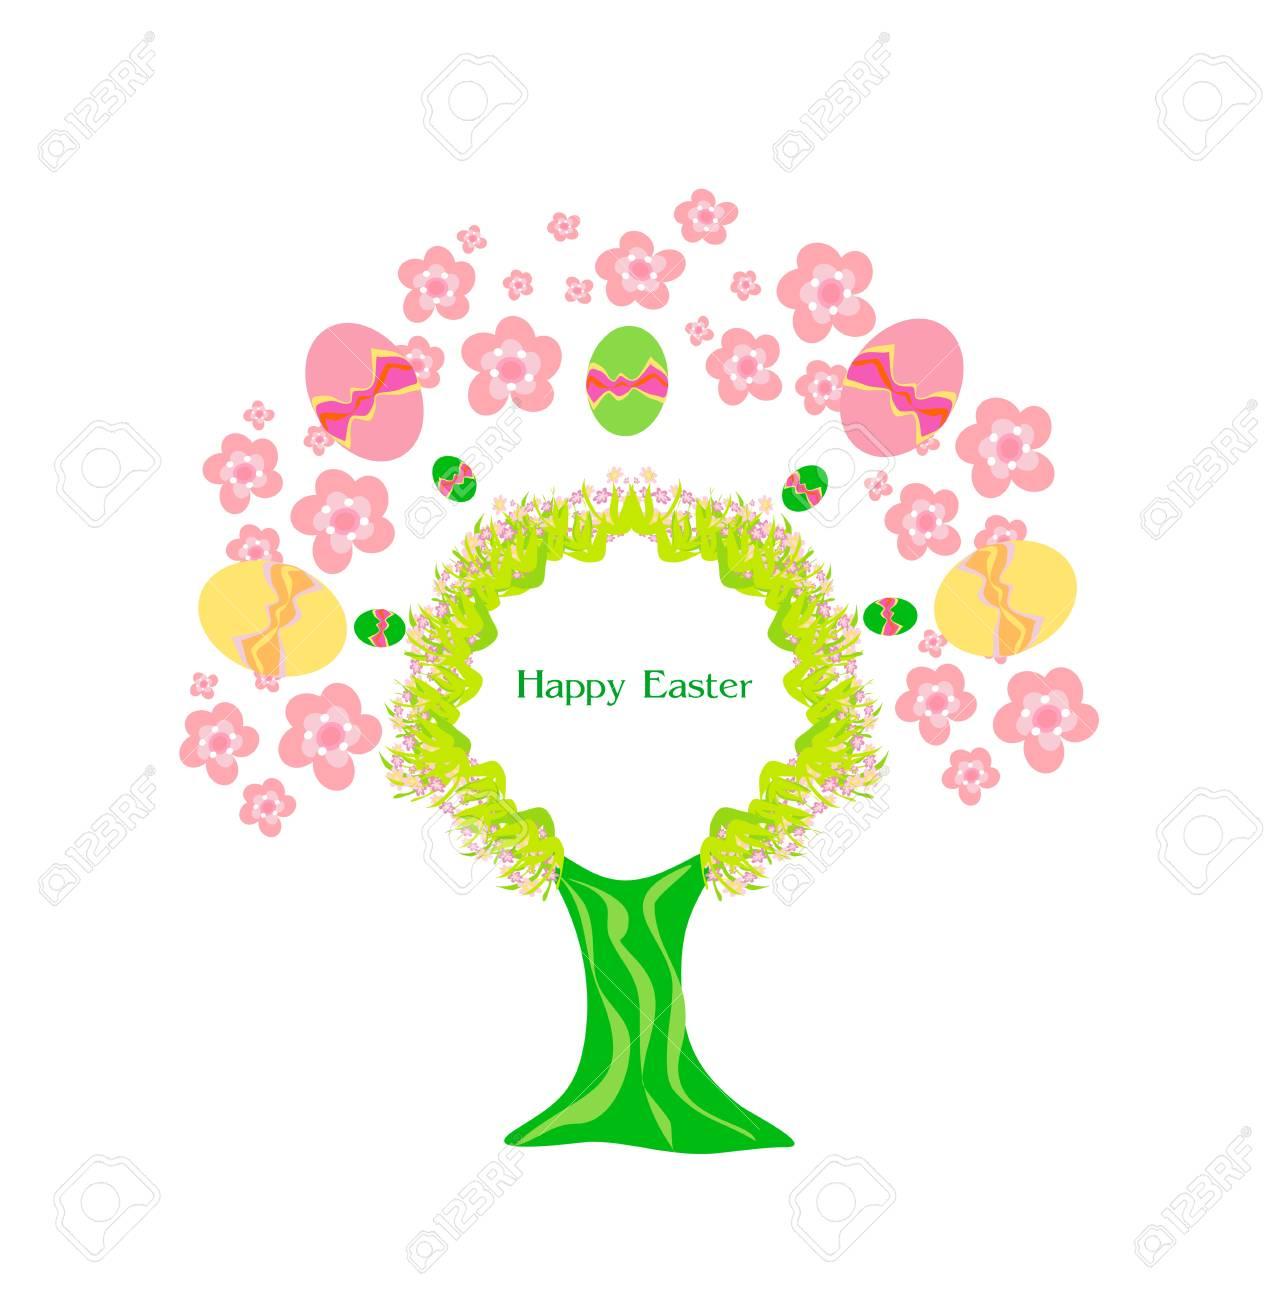 Easter tree frame Stock Vector - 16351835